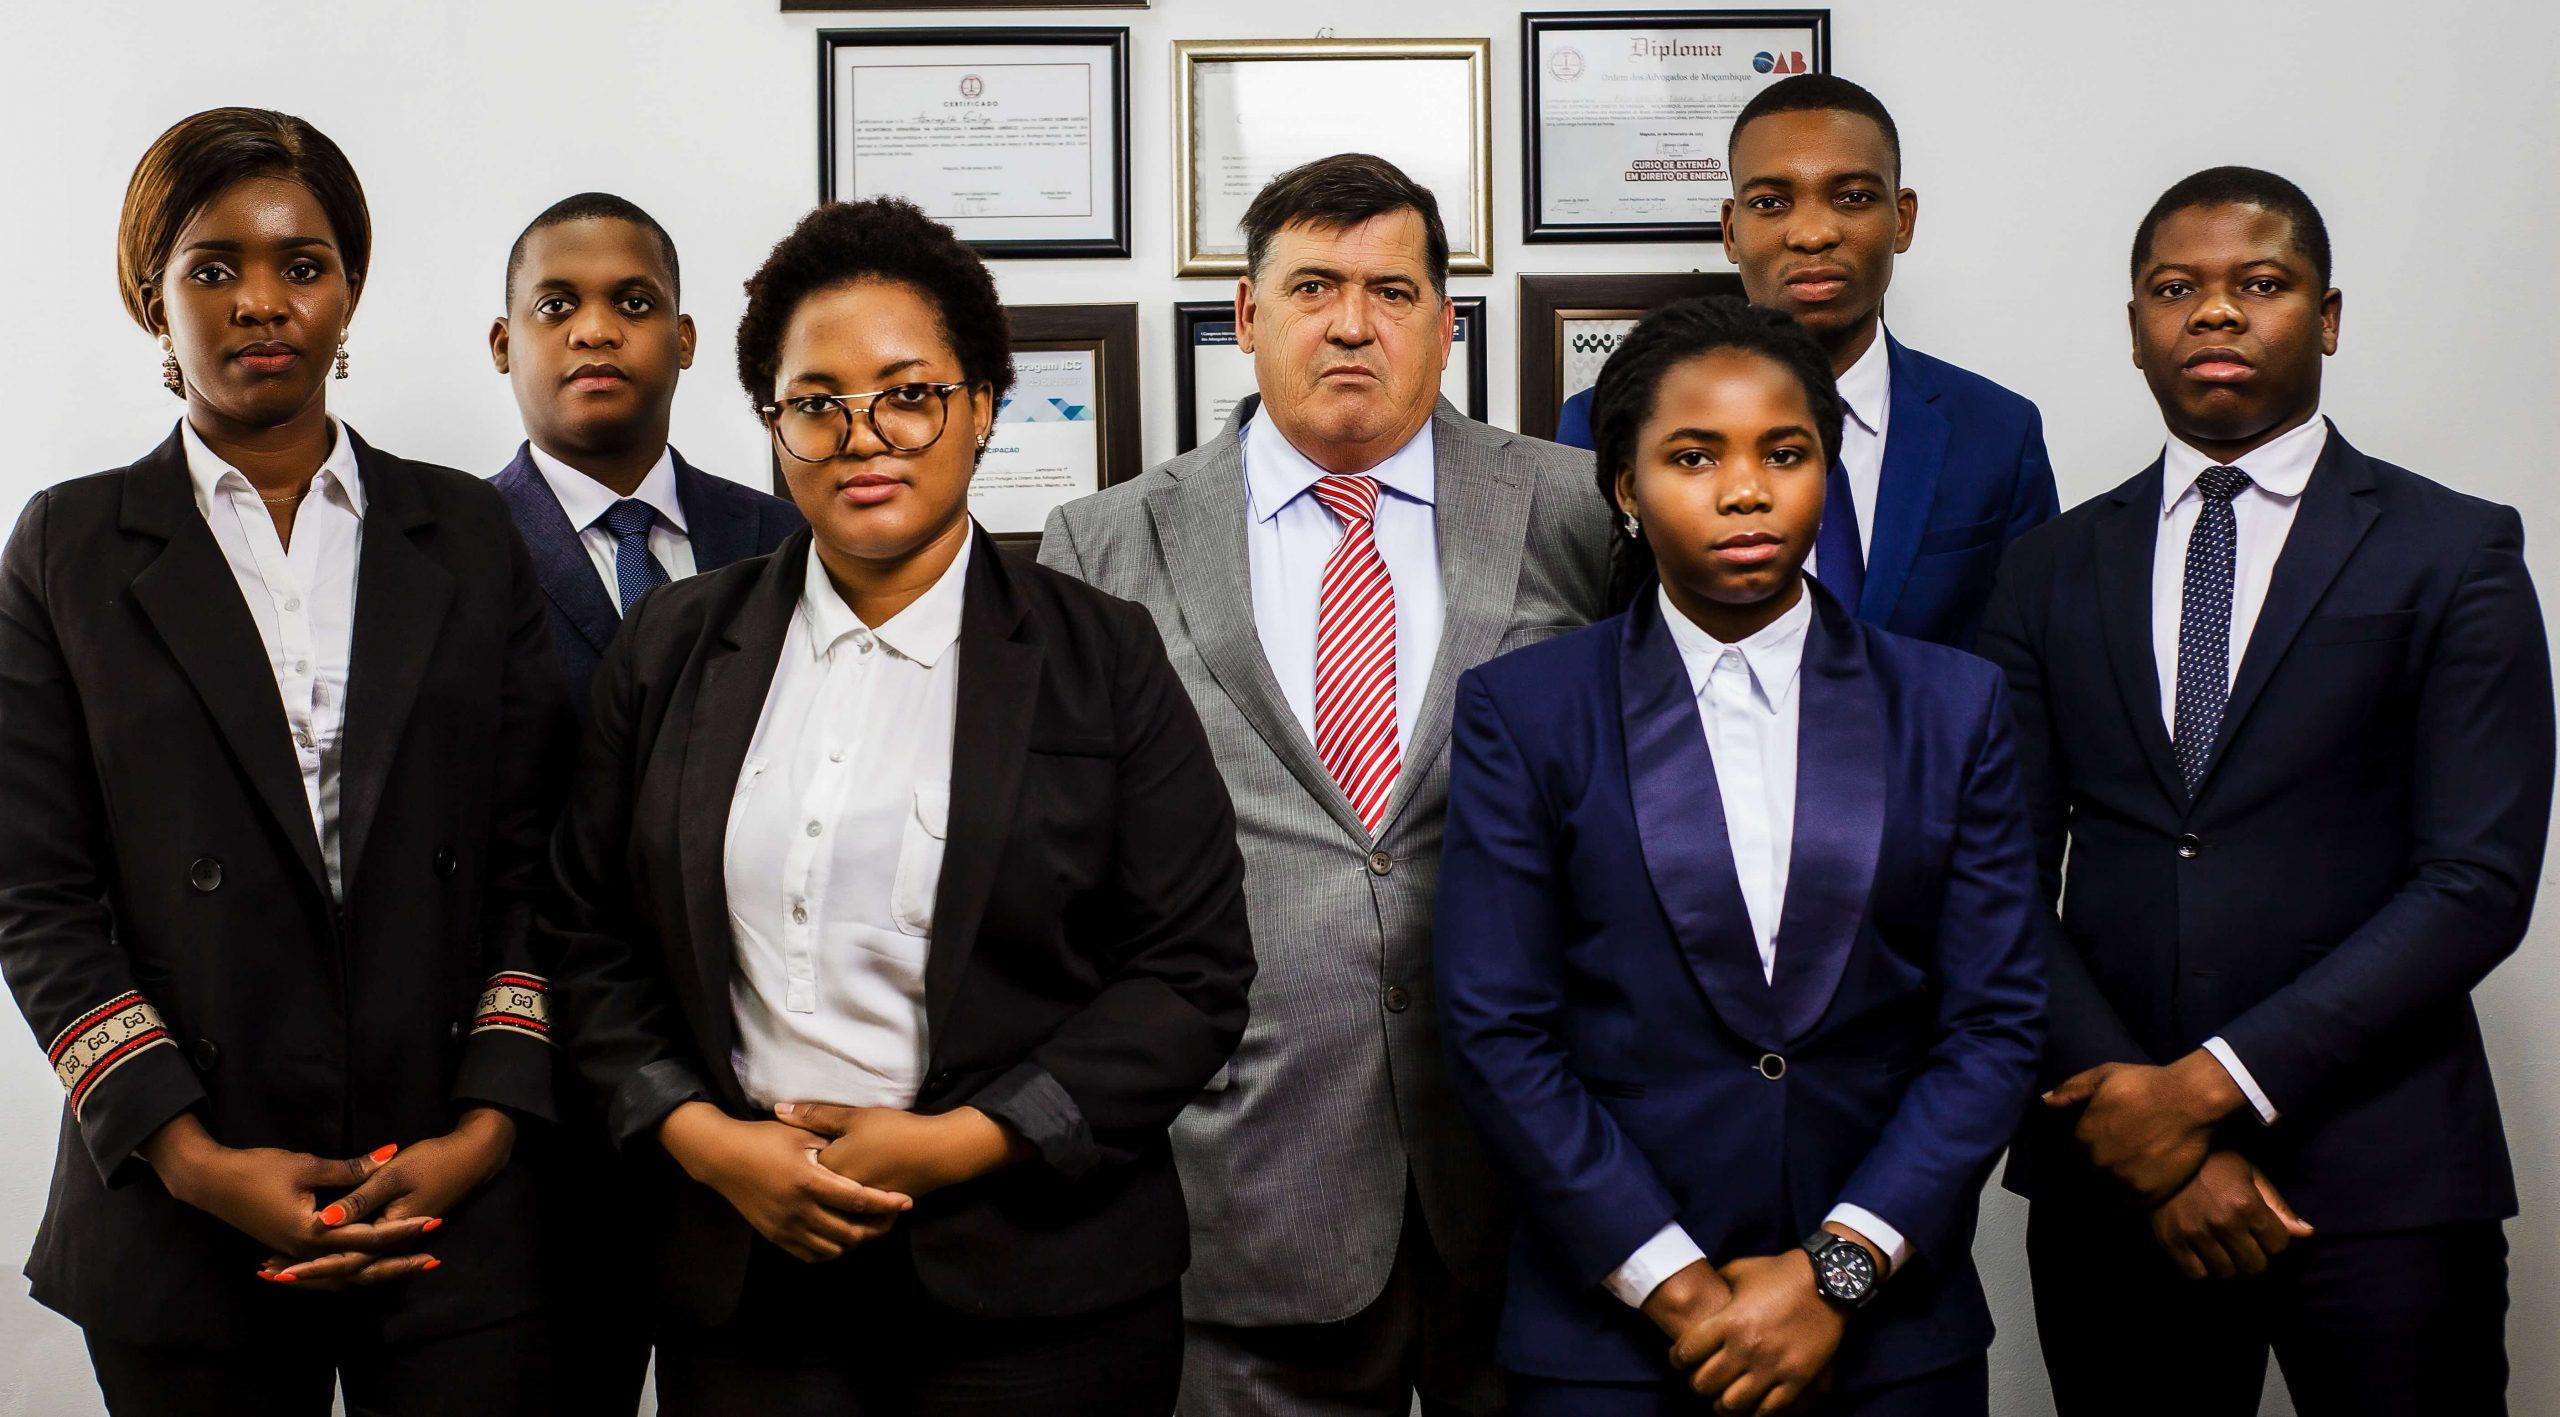 ASG sociedade de advogados